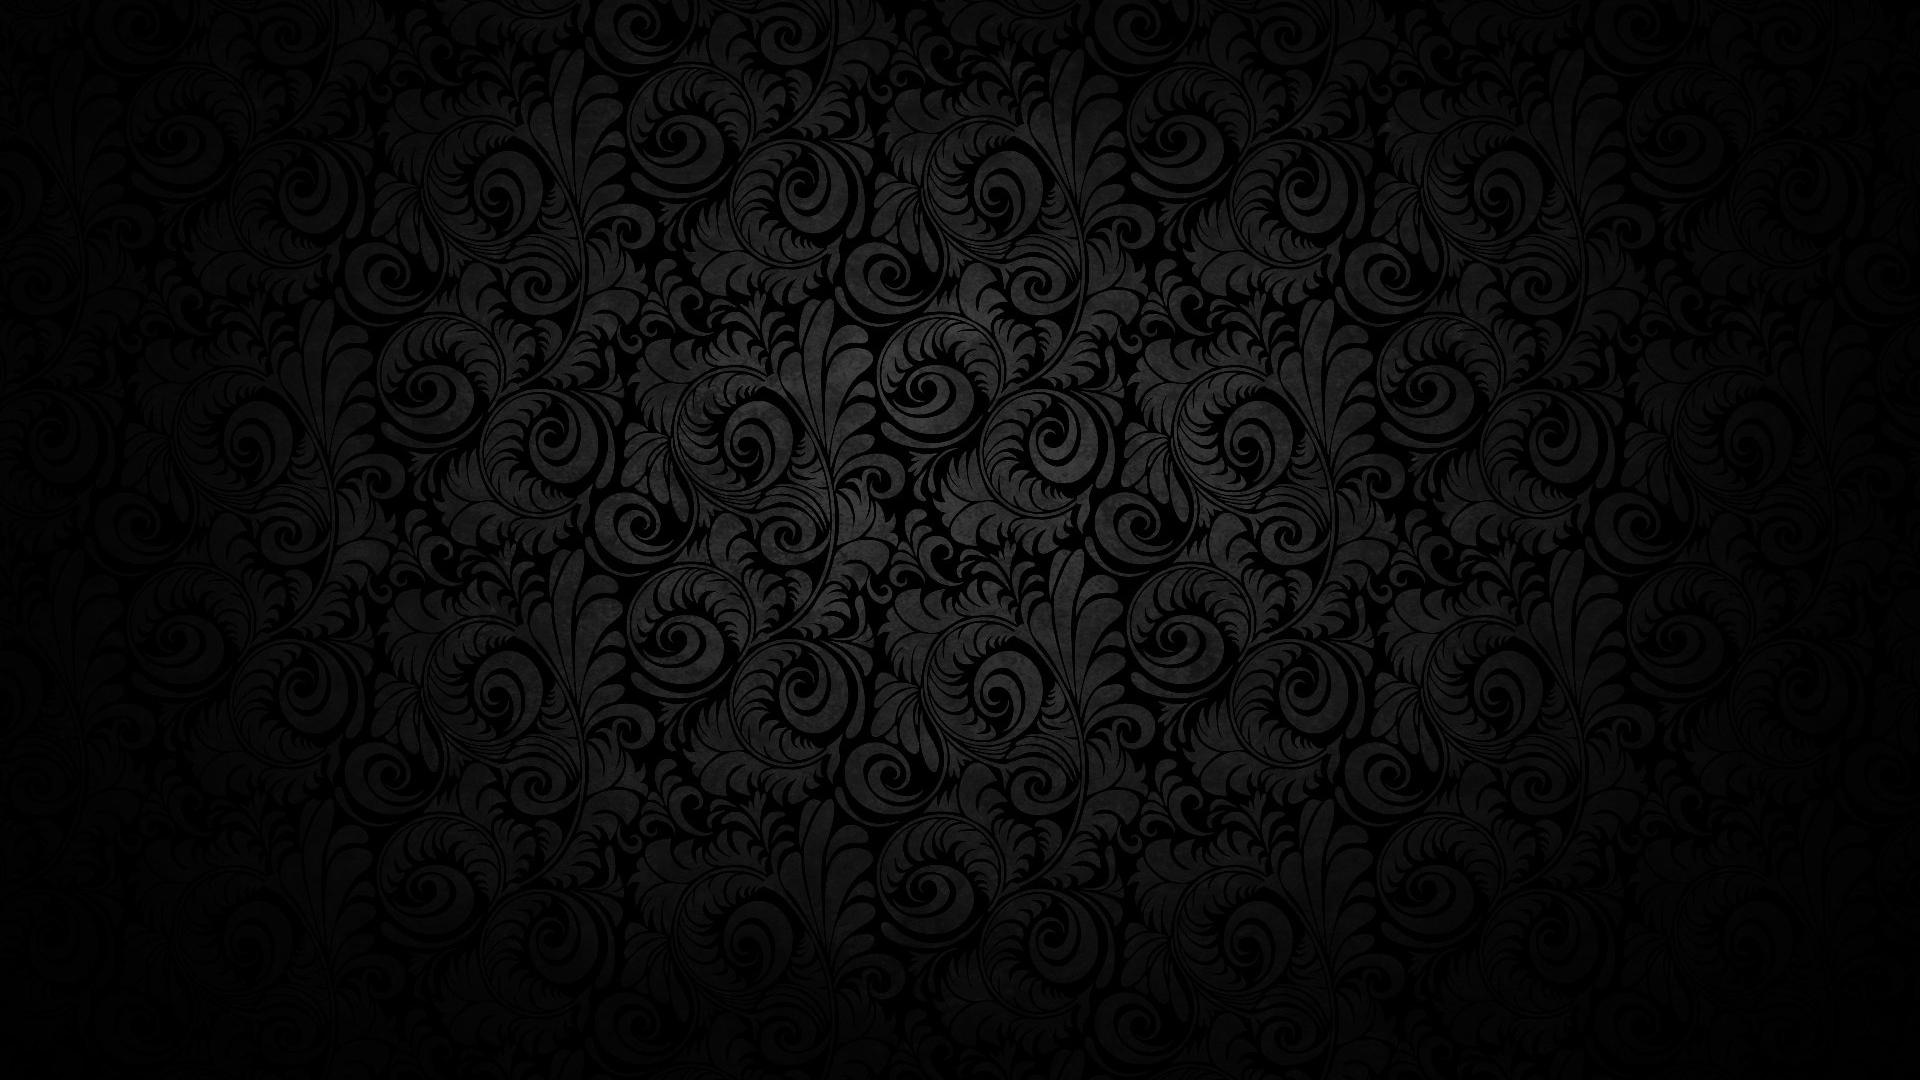 Dark Textures clipart golden texture Black texture wallpaper background Wallpapers